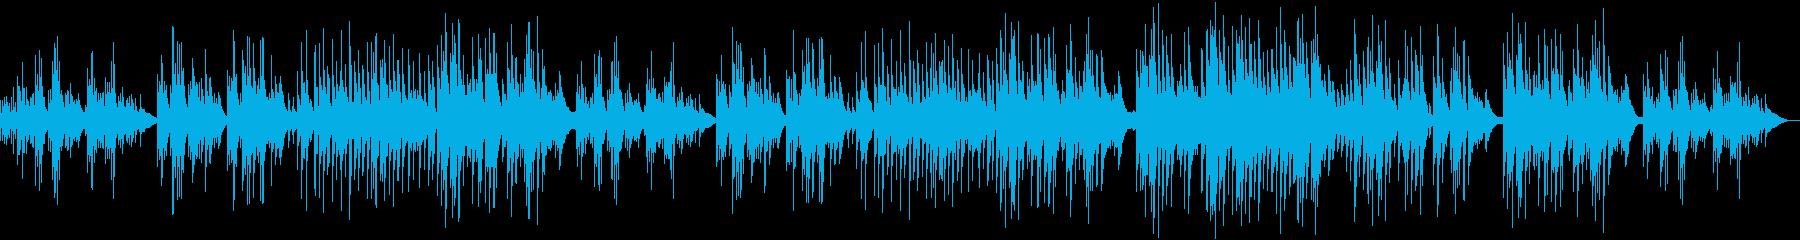 穏やかハープとチェレスタのゆったり癒し曲の再生済みの波形